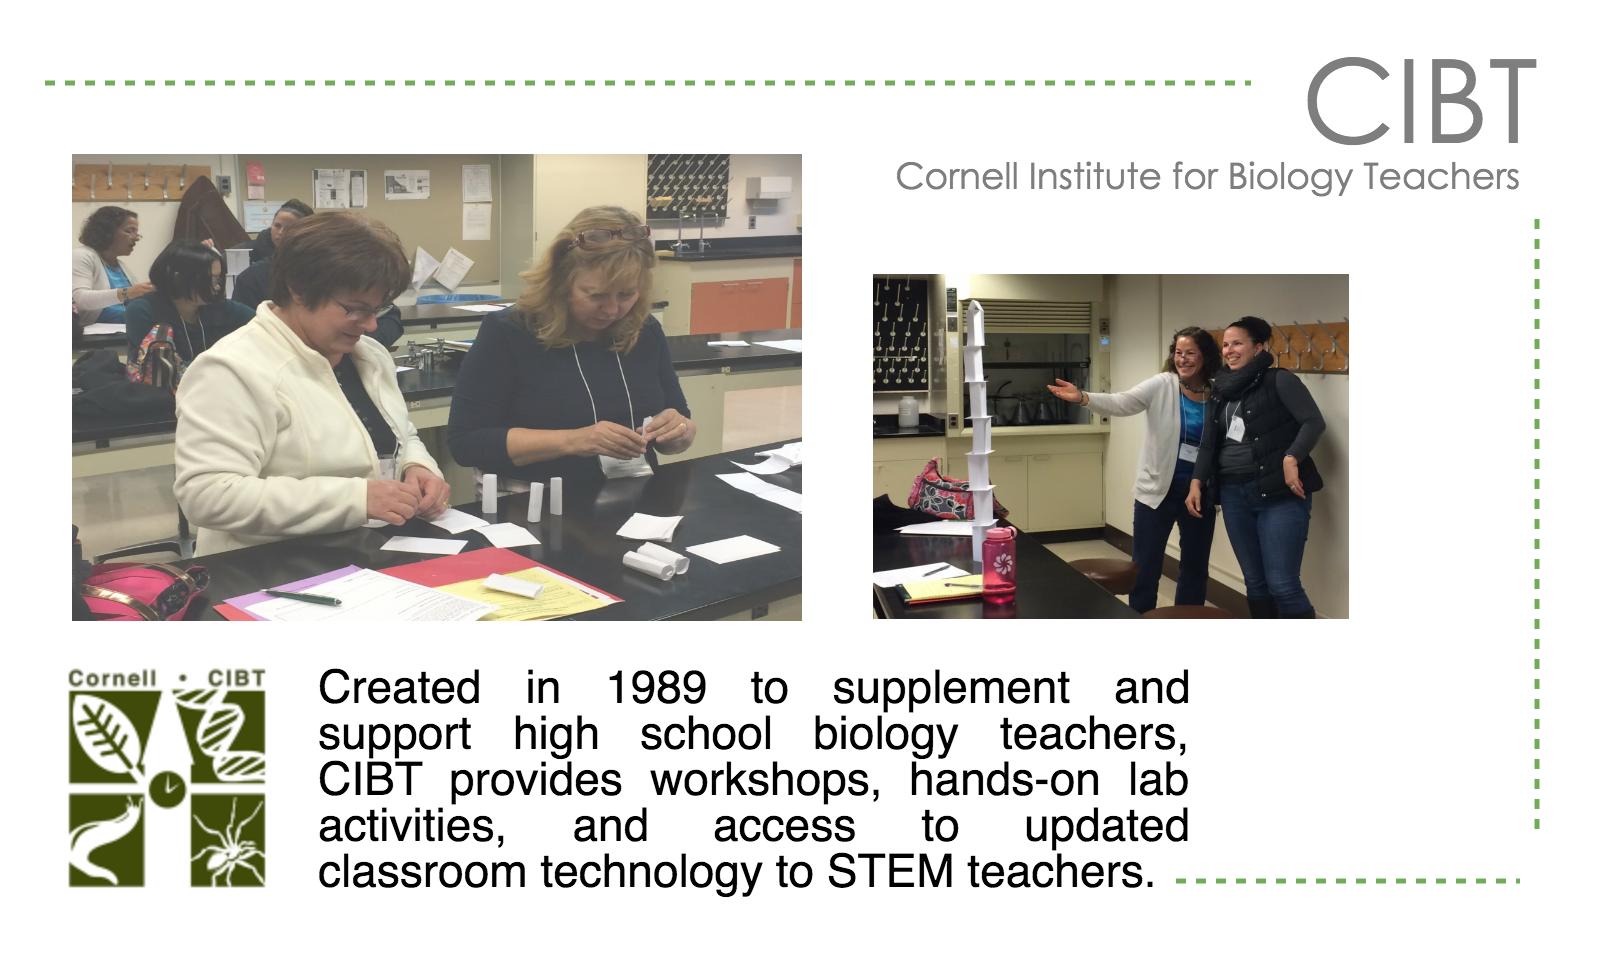 Cornell Institute for Biology Teachers